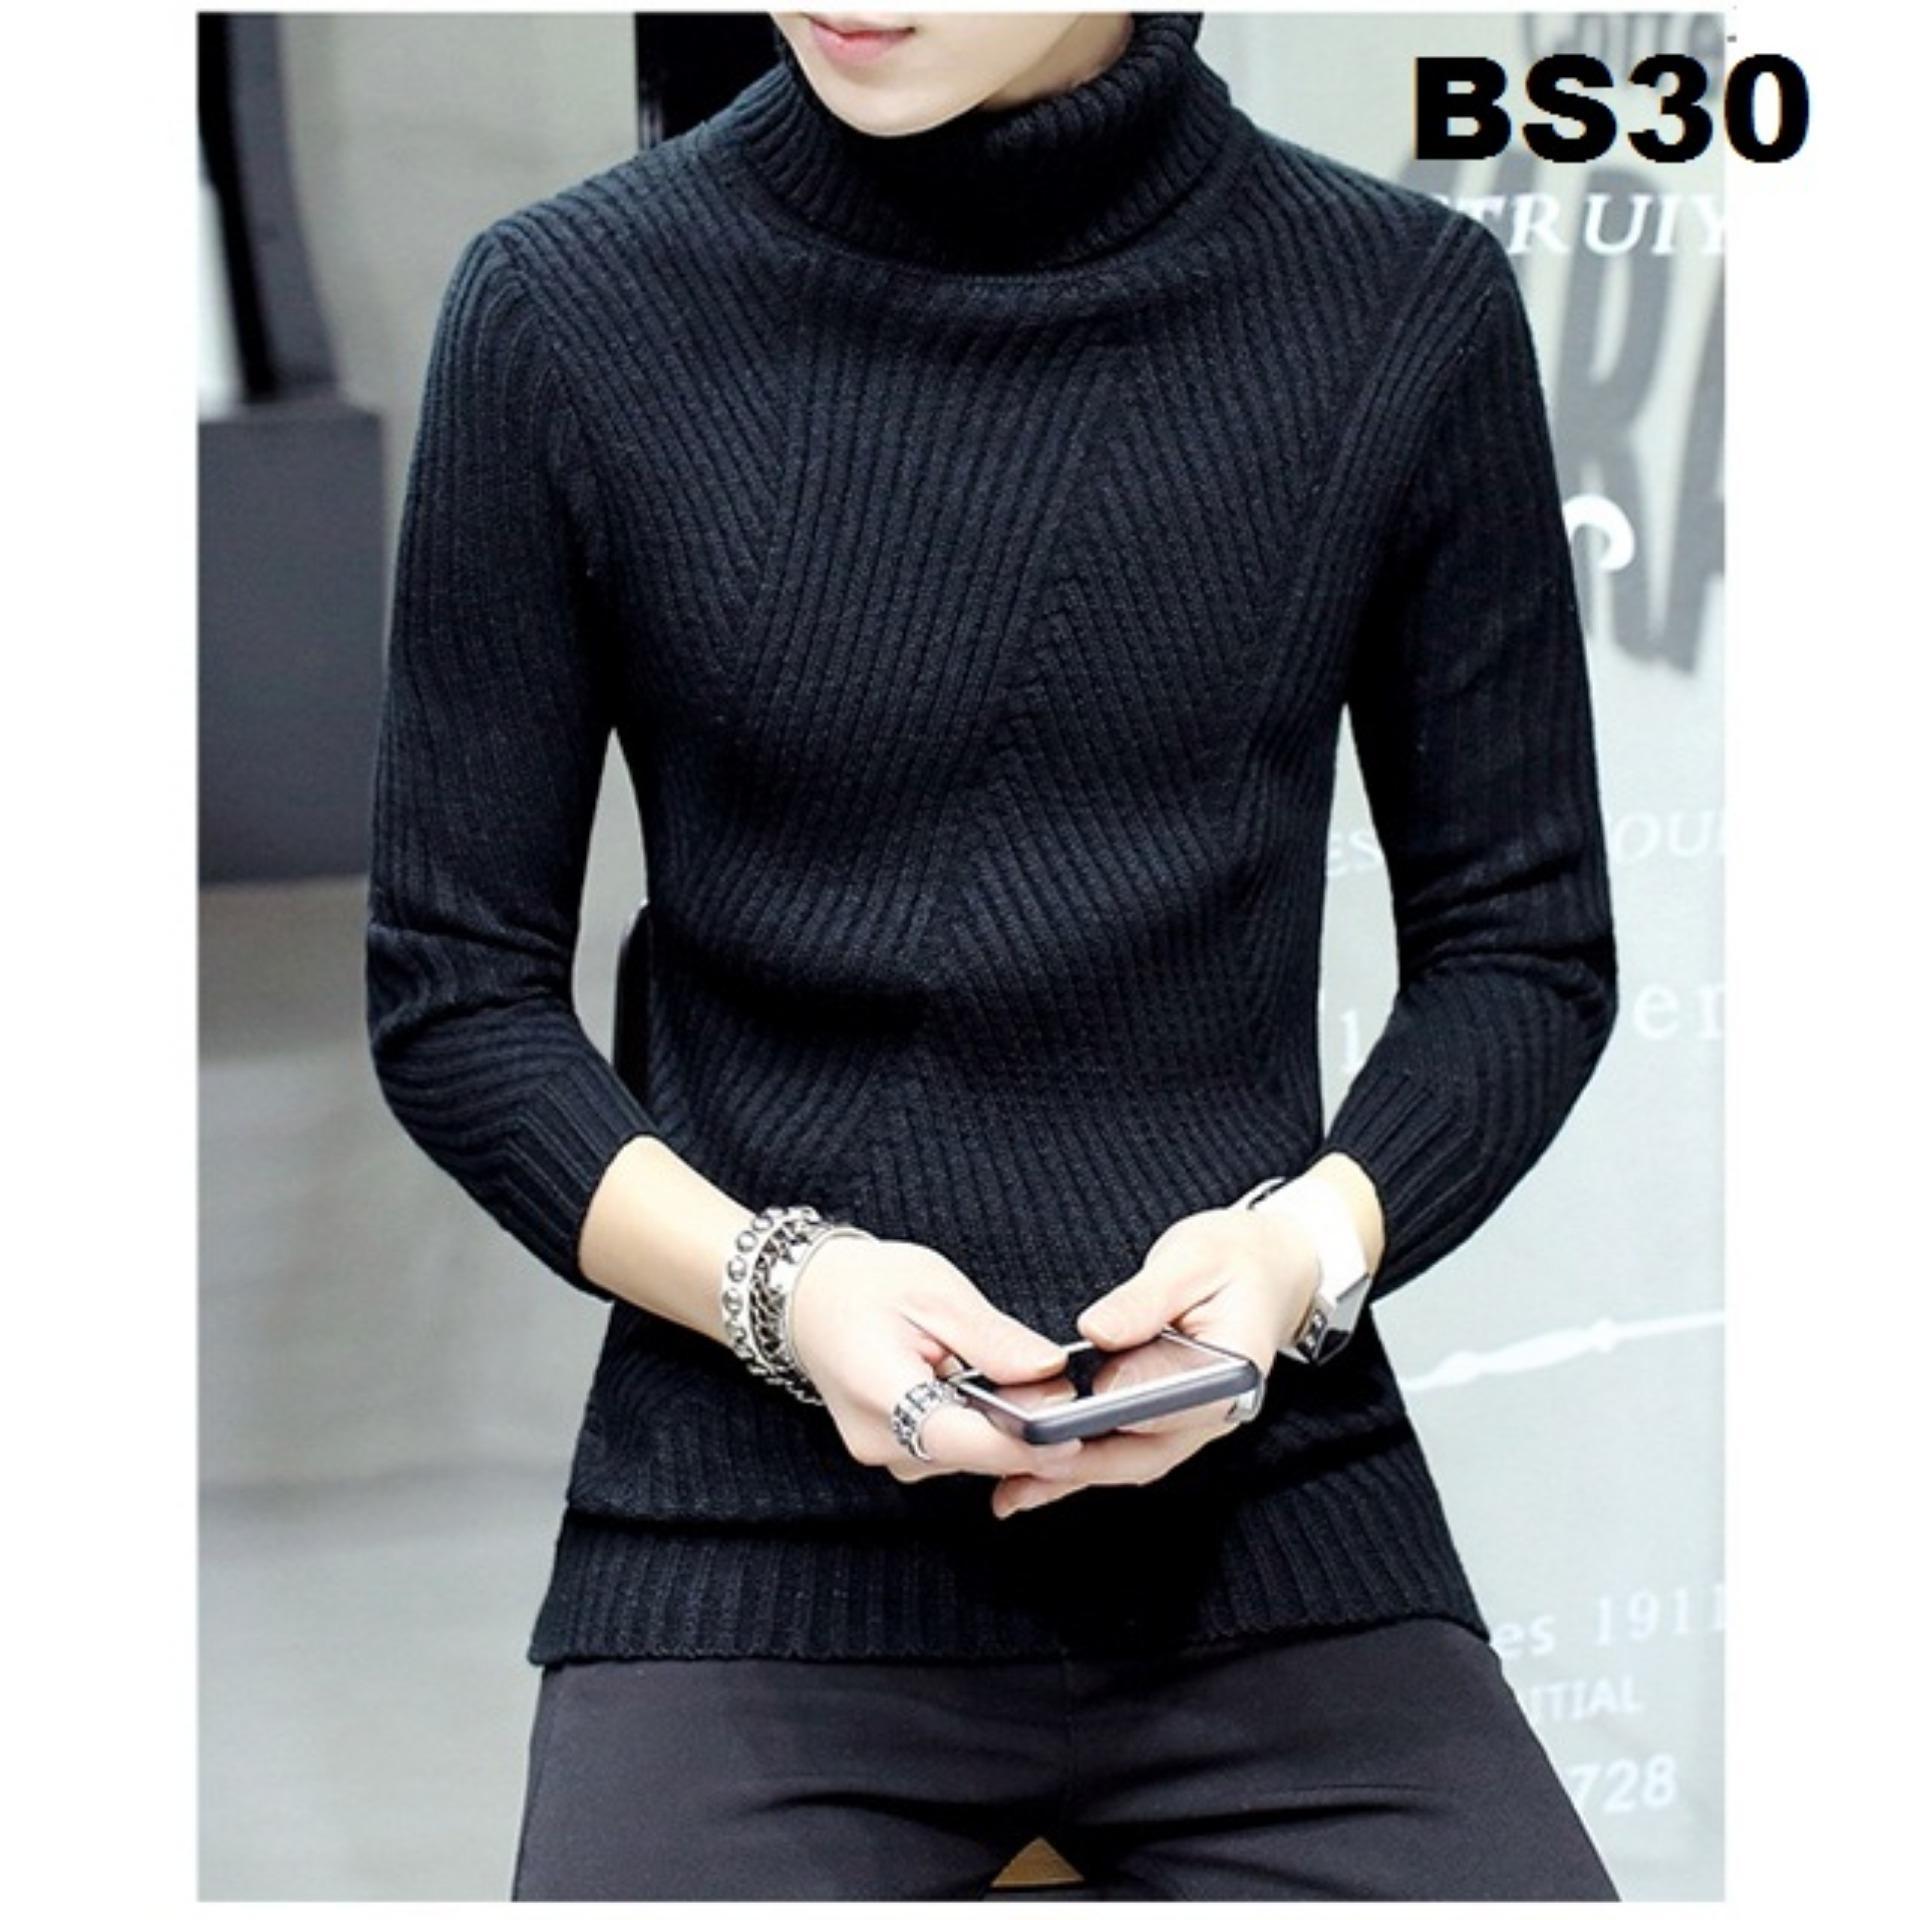 Áo len nam cổ lọ loại dày BS30 (Đen)